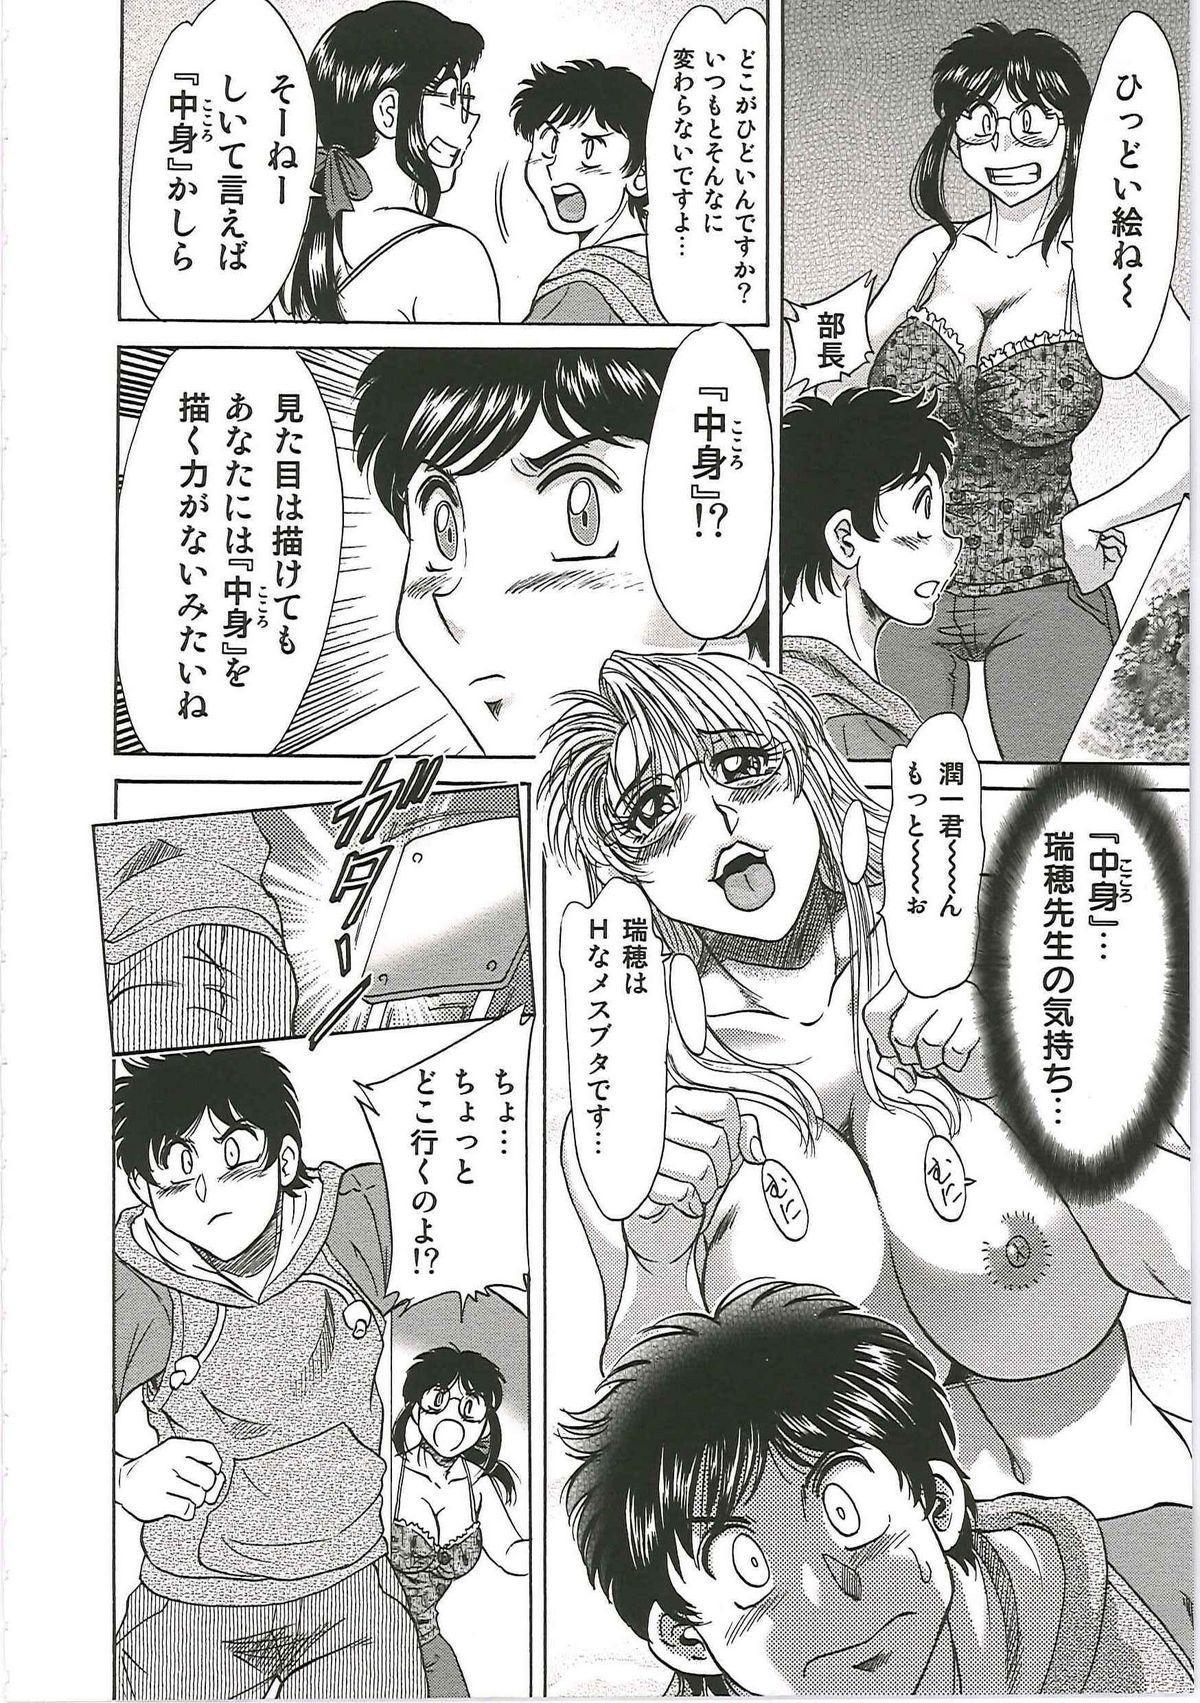 [Chanpon Miyabi] Cho-Onesan Tengoku 6 -Tenrakuhen- 161